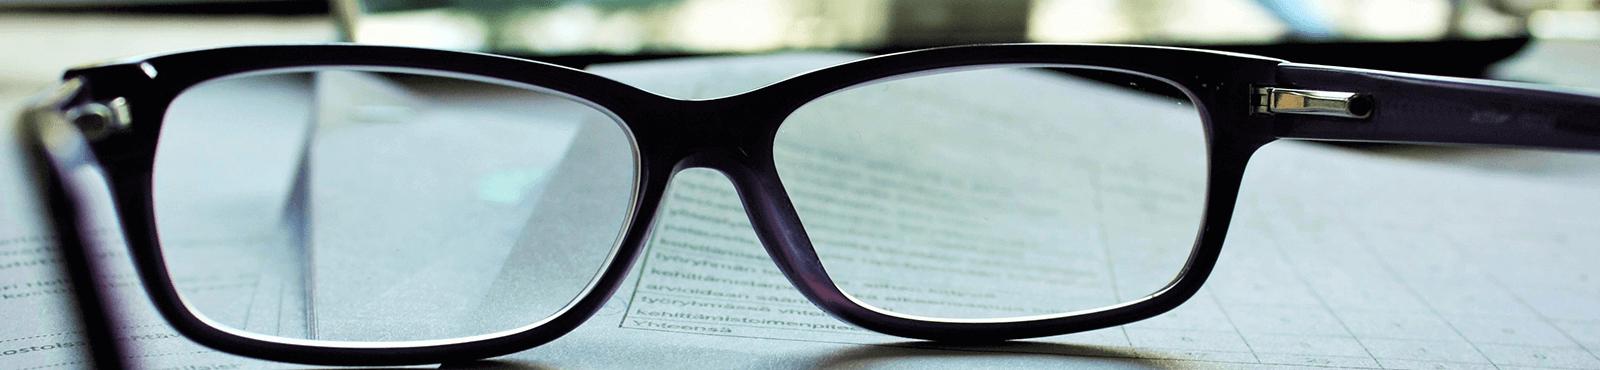 """Überblick: <span class=""""text-thin"""">Mein</span>Büro und die DSGVO"""